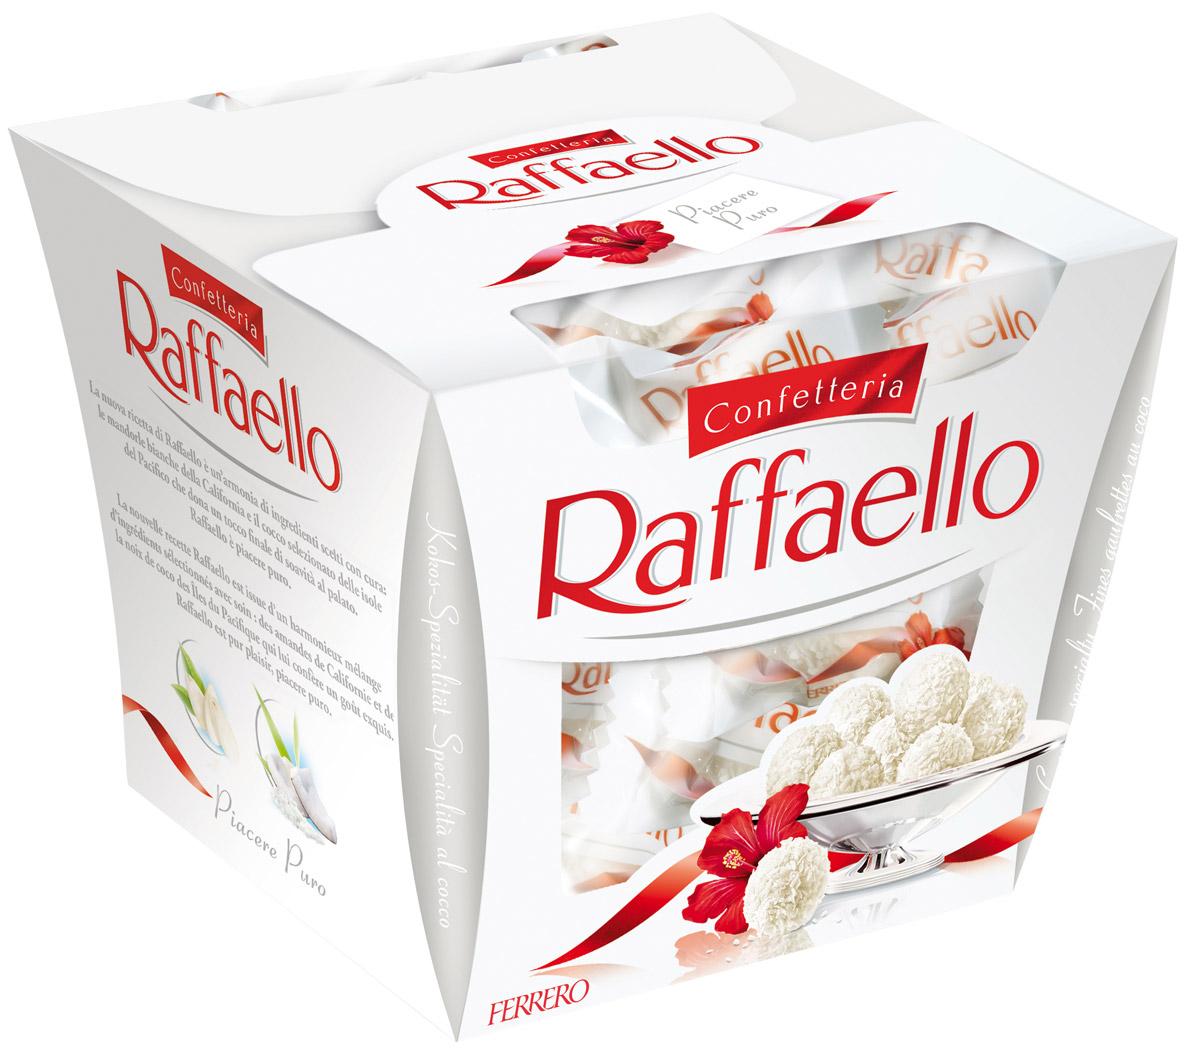 Raffaello конфеты с цельным миндальным орехом в кокосовой обсыпке, 150 г pergale шоколад темный с карамелизированным миндалем и апельсином 220 г